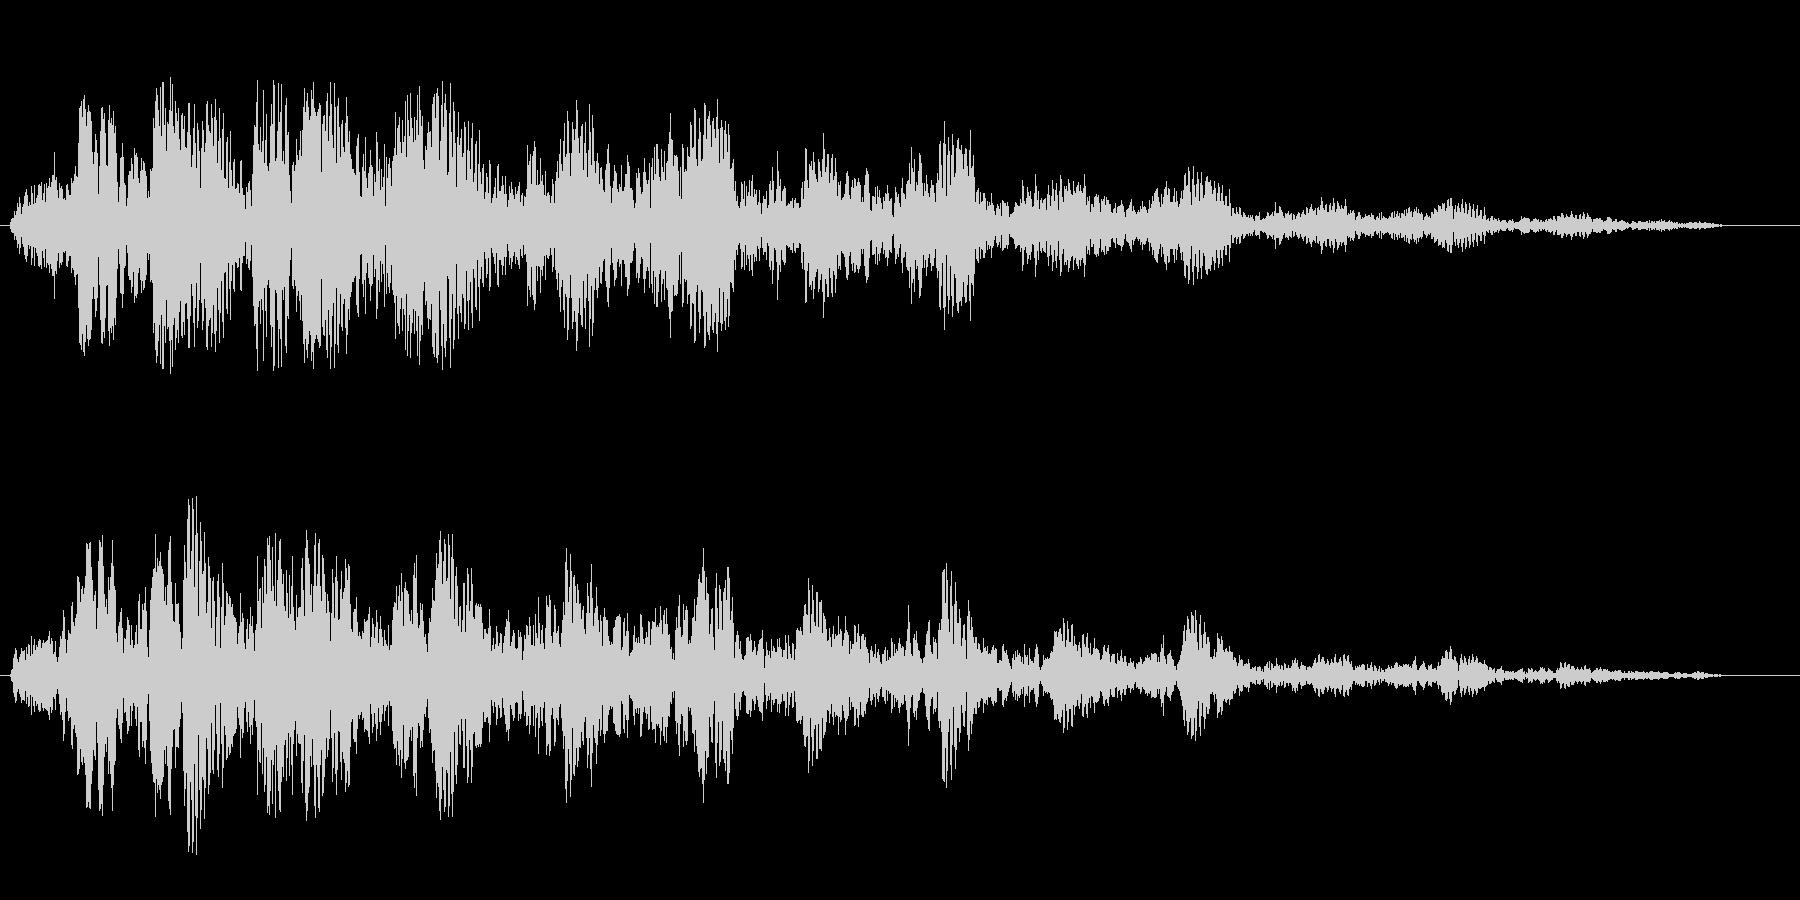 高音のトリルが響きわたる効果音の未再生の波形